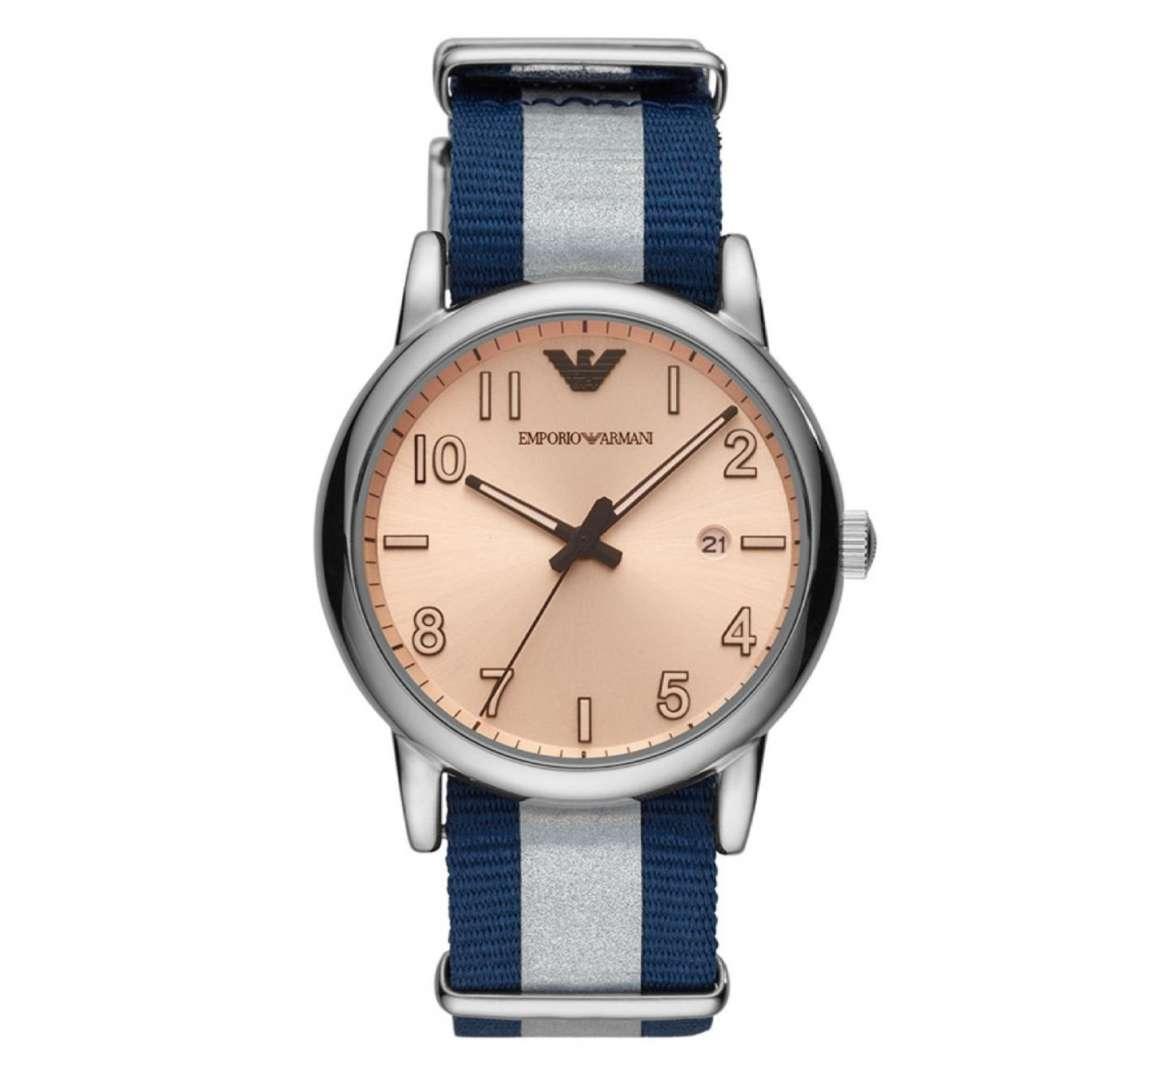 שעון יד אנלוגי לגבר emporio armani ar11212 אמפוריו ארמני